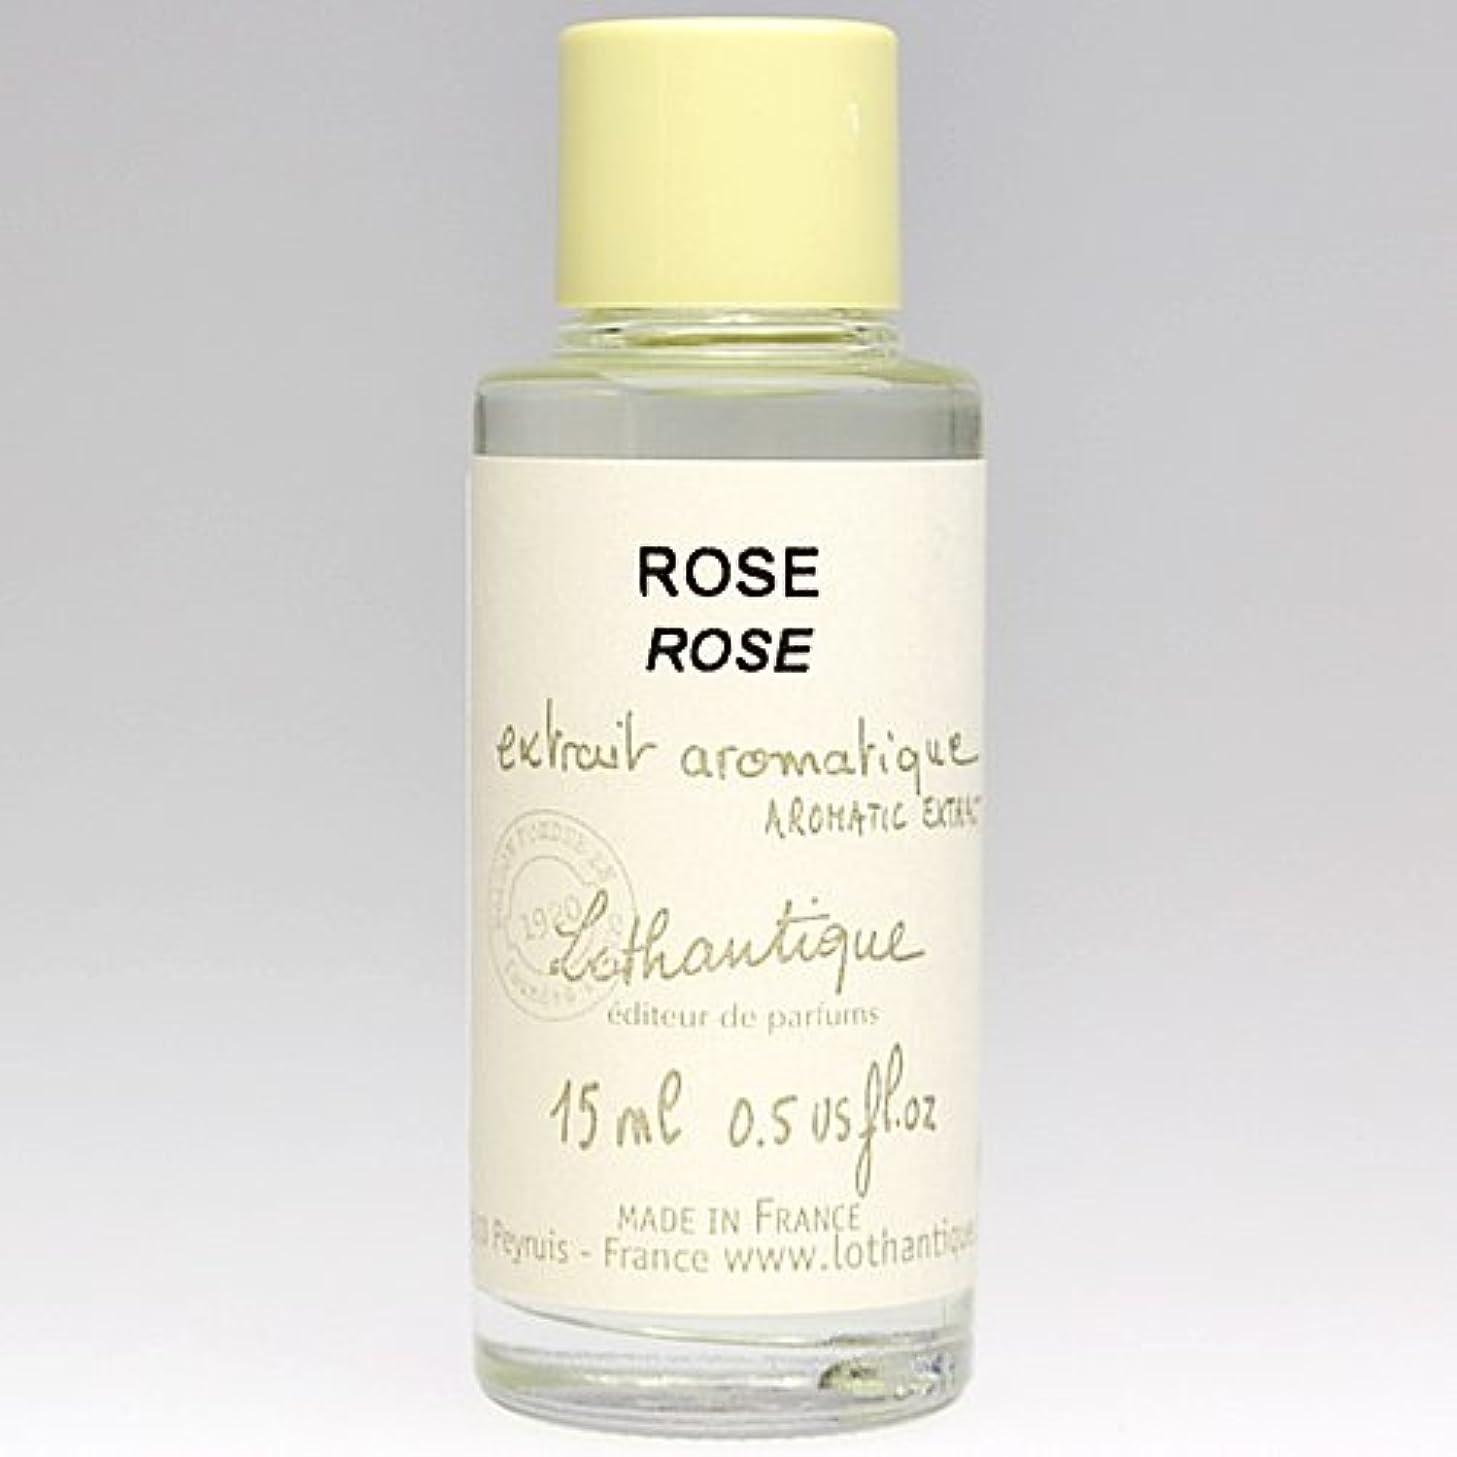 ワイン離れたスピーチSenteur et Beaute(サンタールエボーテ) フレンチクラシックシリーズ アロマオイル 15ml 「オレンジグレープフルーツ」 4994228022646